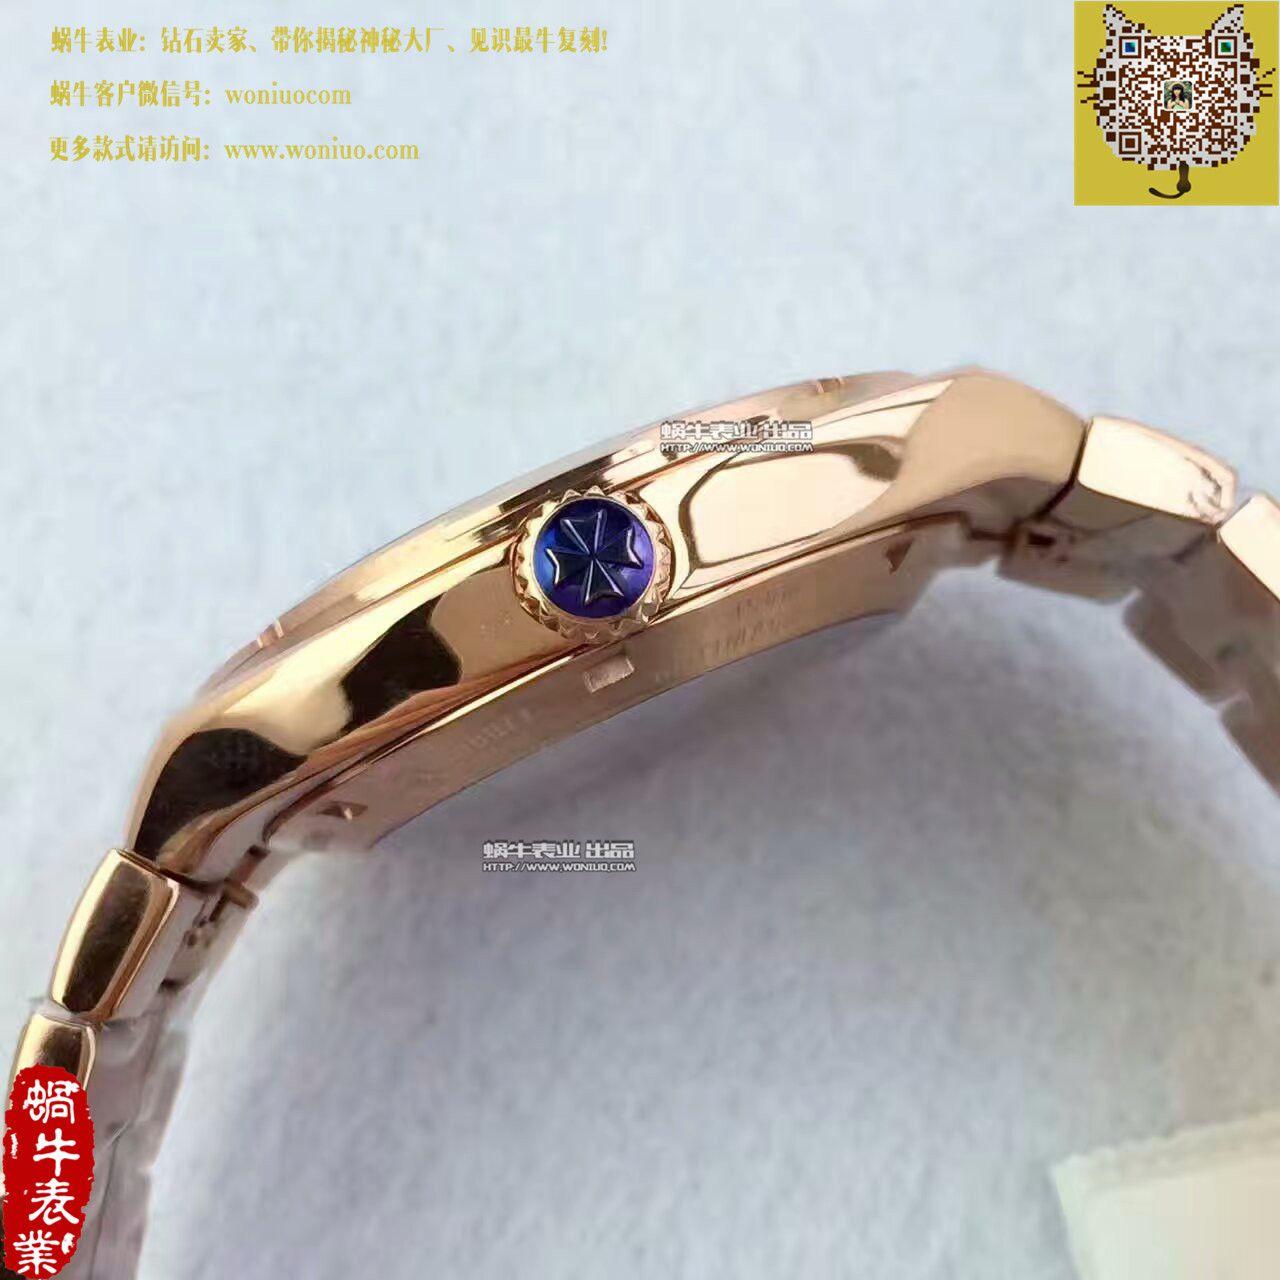 【8F一比一复刻高仿手表】江诗丹顿纵横四海系列4500V/000R-B127腕表 / JS177